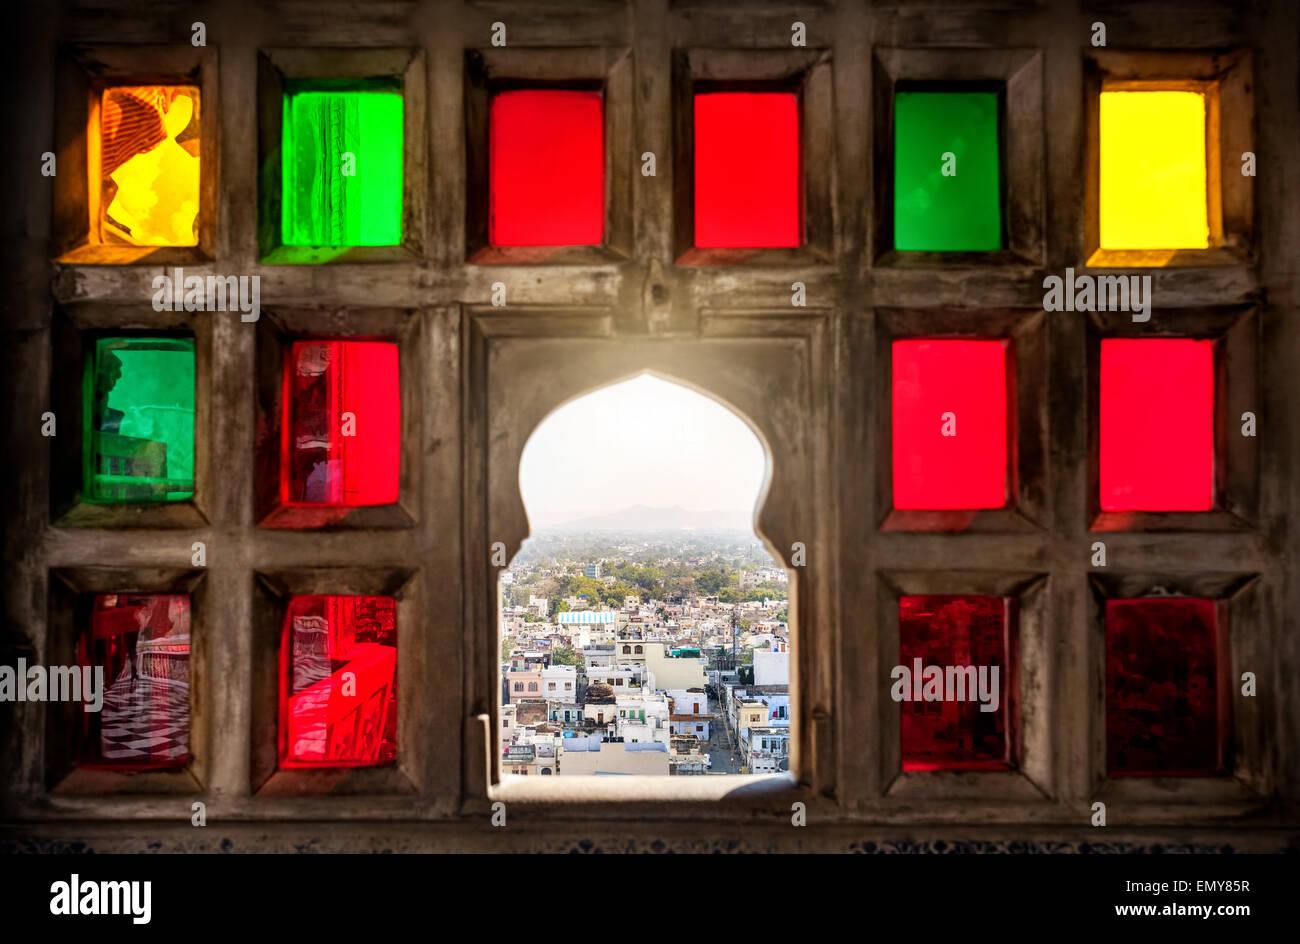 La ville de la mosaïque colorée dans la fenêtre du Palais de la ville d'Udaipur, Rajasthan, Inde Photo Stock